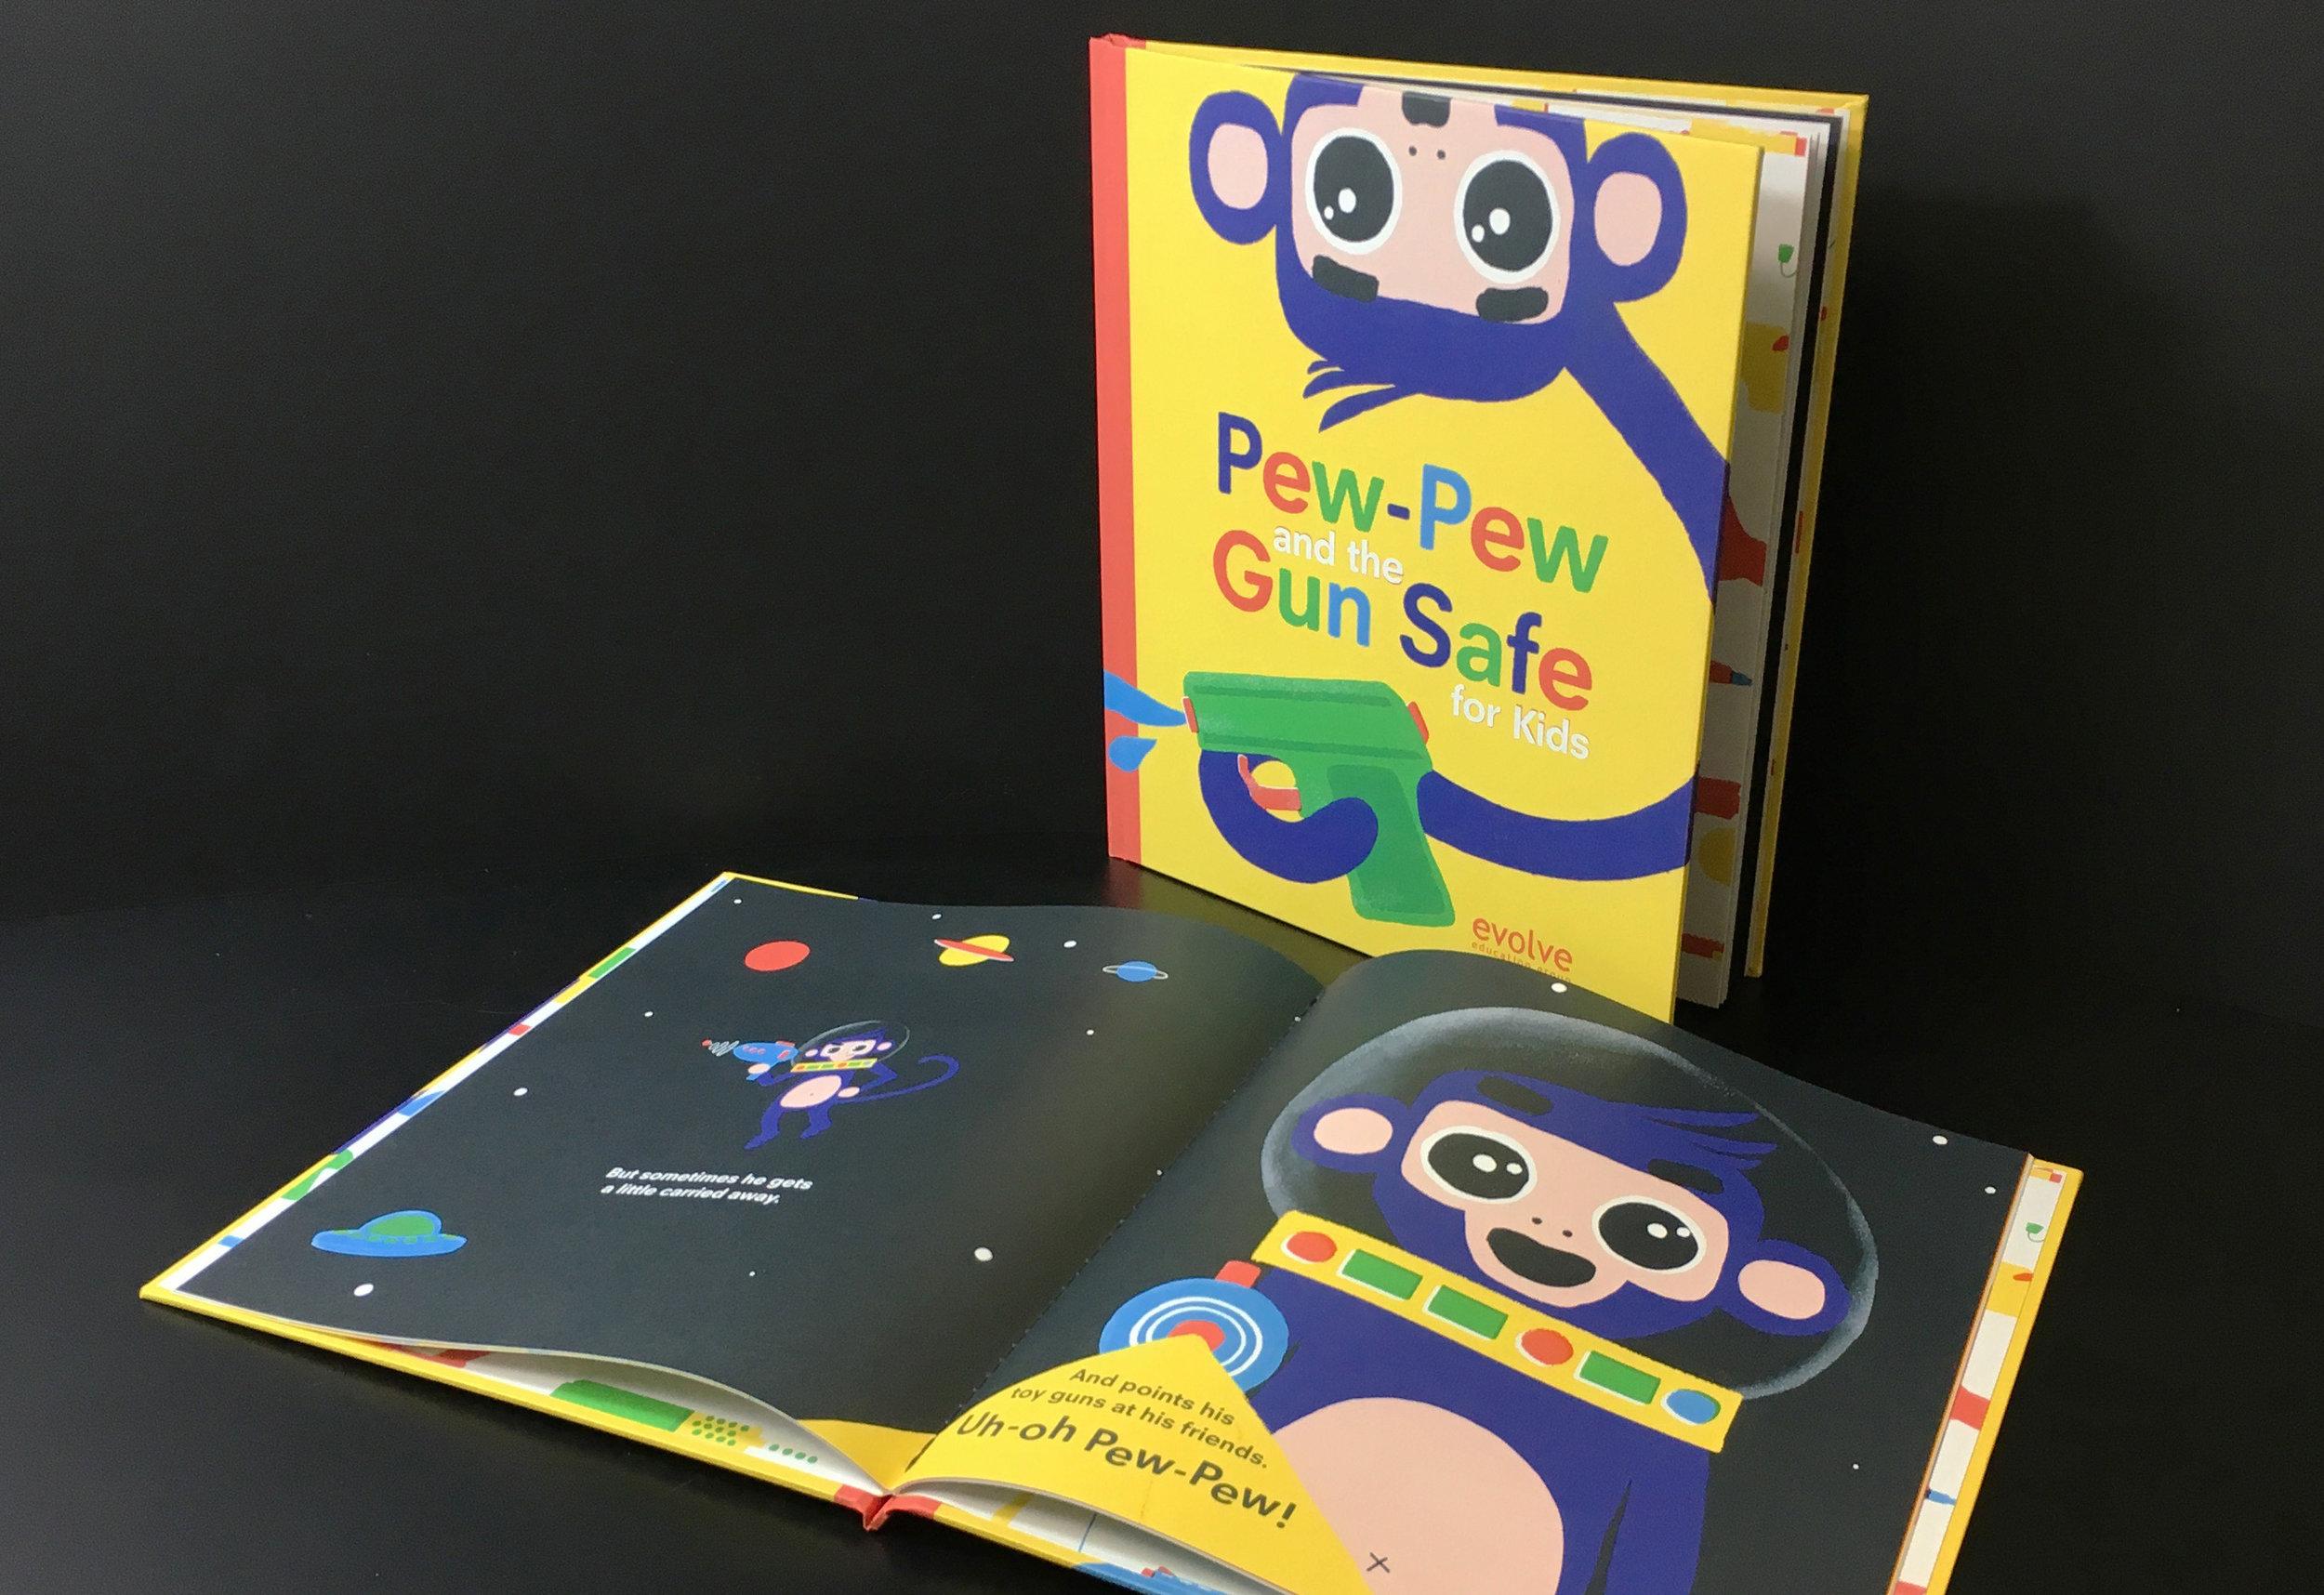 Print-childrens-book-Gun-Safe_crop_LR.jpg